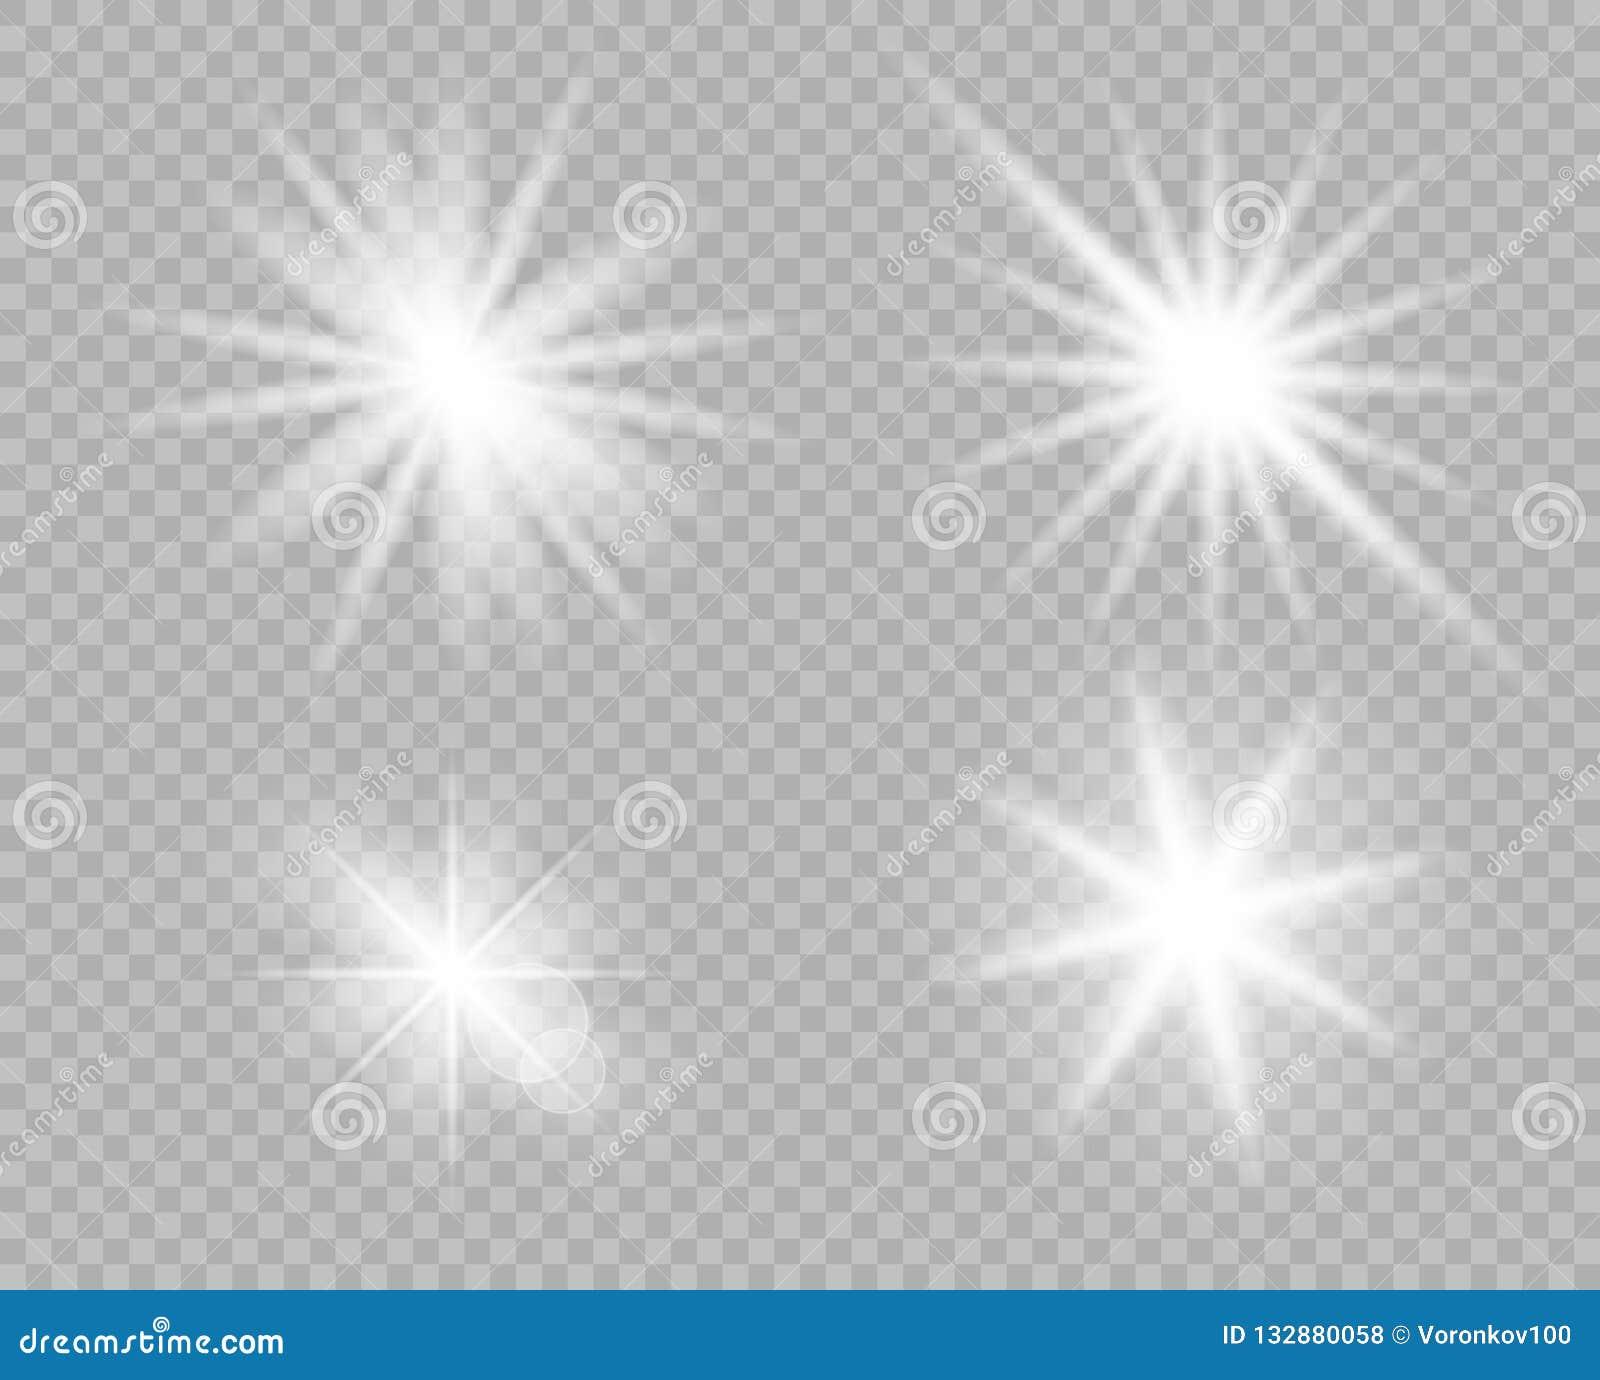 Ett val av vita ljusa objekt av ljus, ilsken blick Blänka explosionen, stjärnasken Vektorgarnering av det nya året, jul